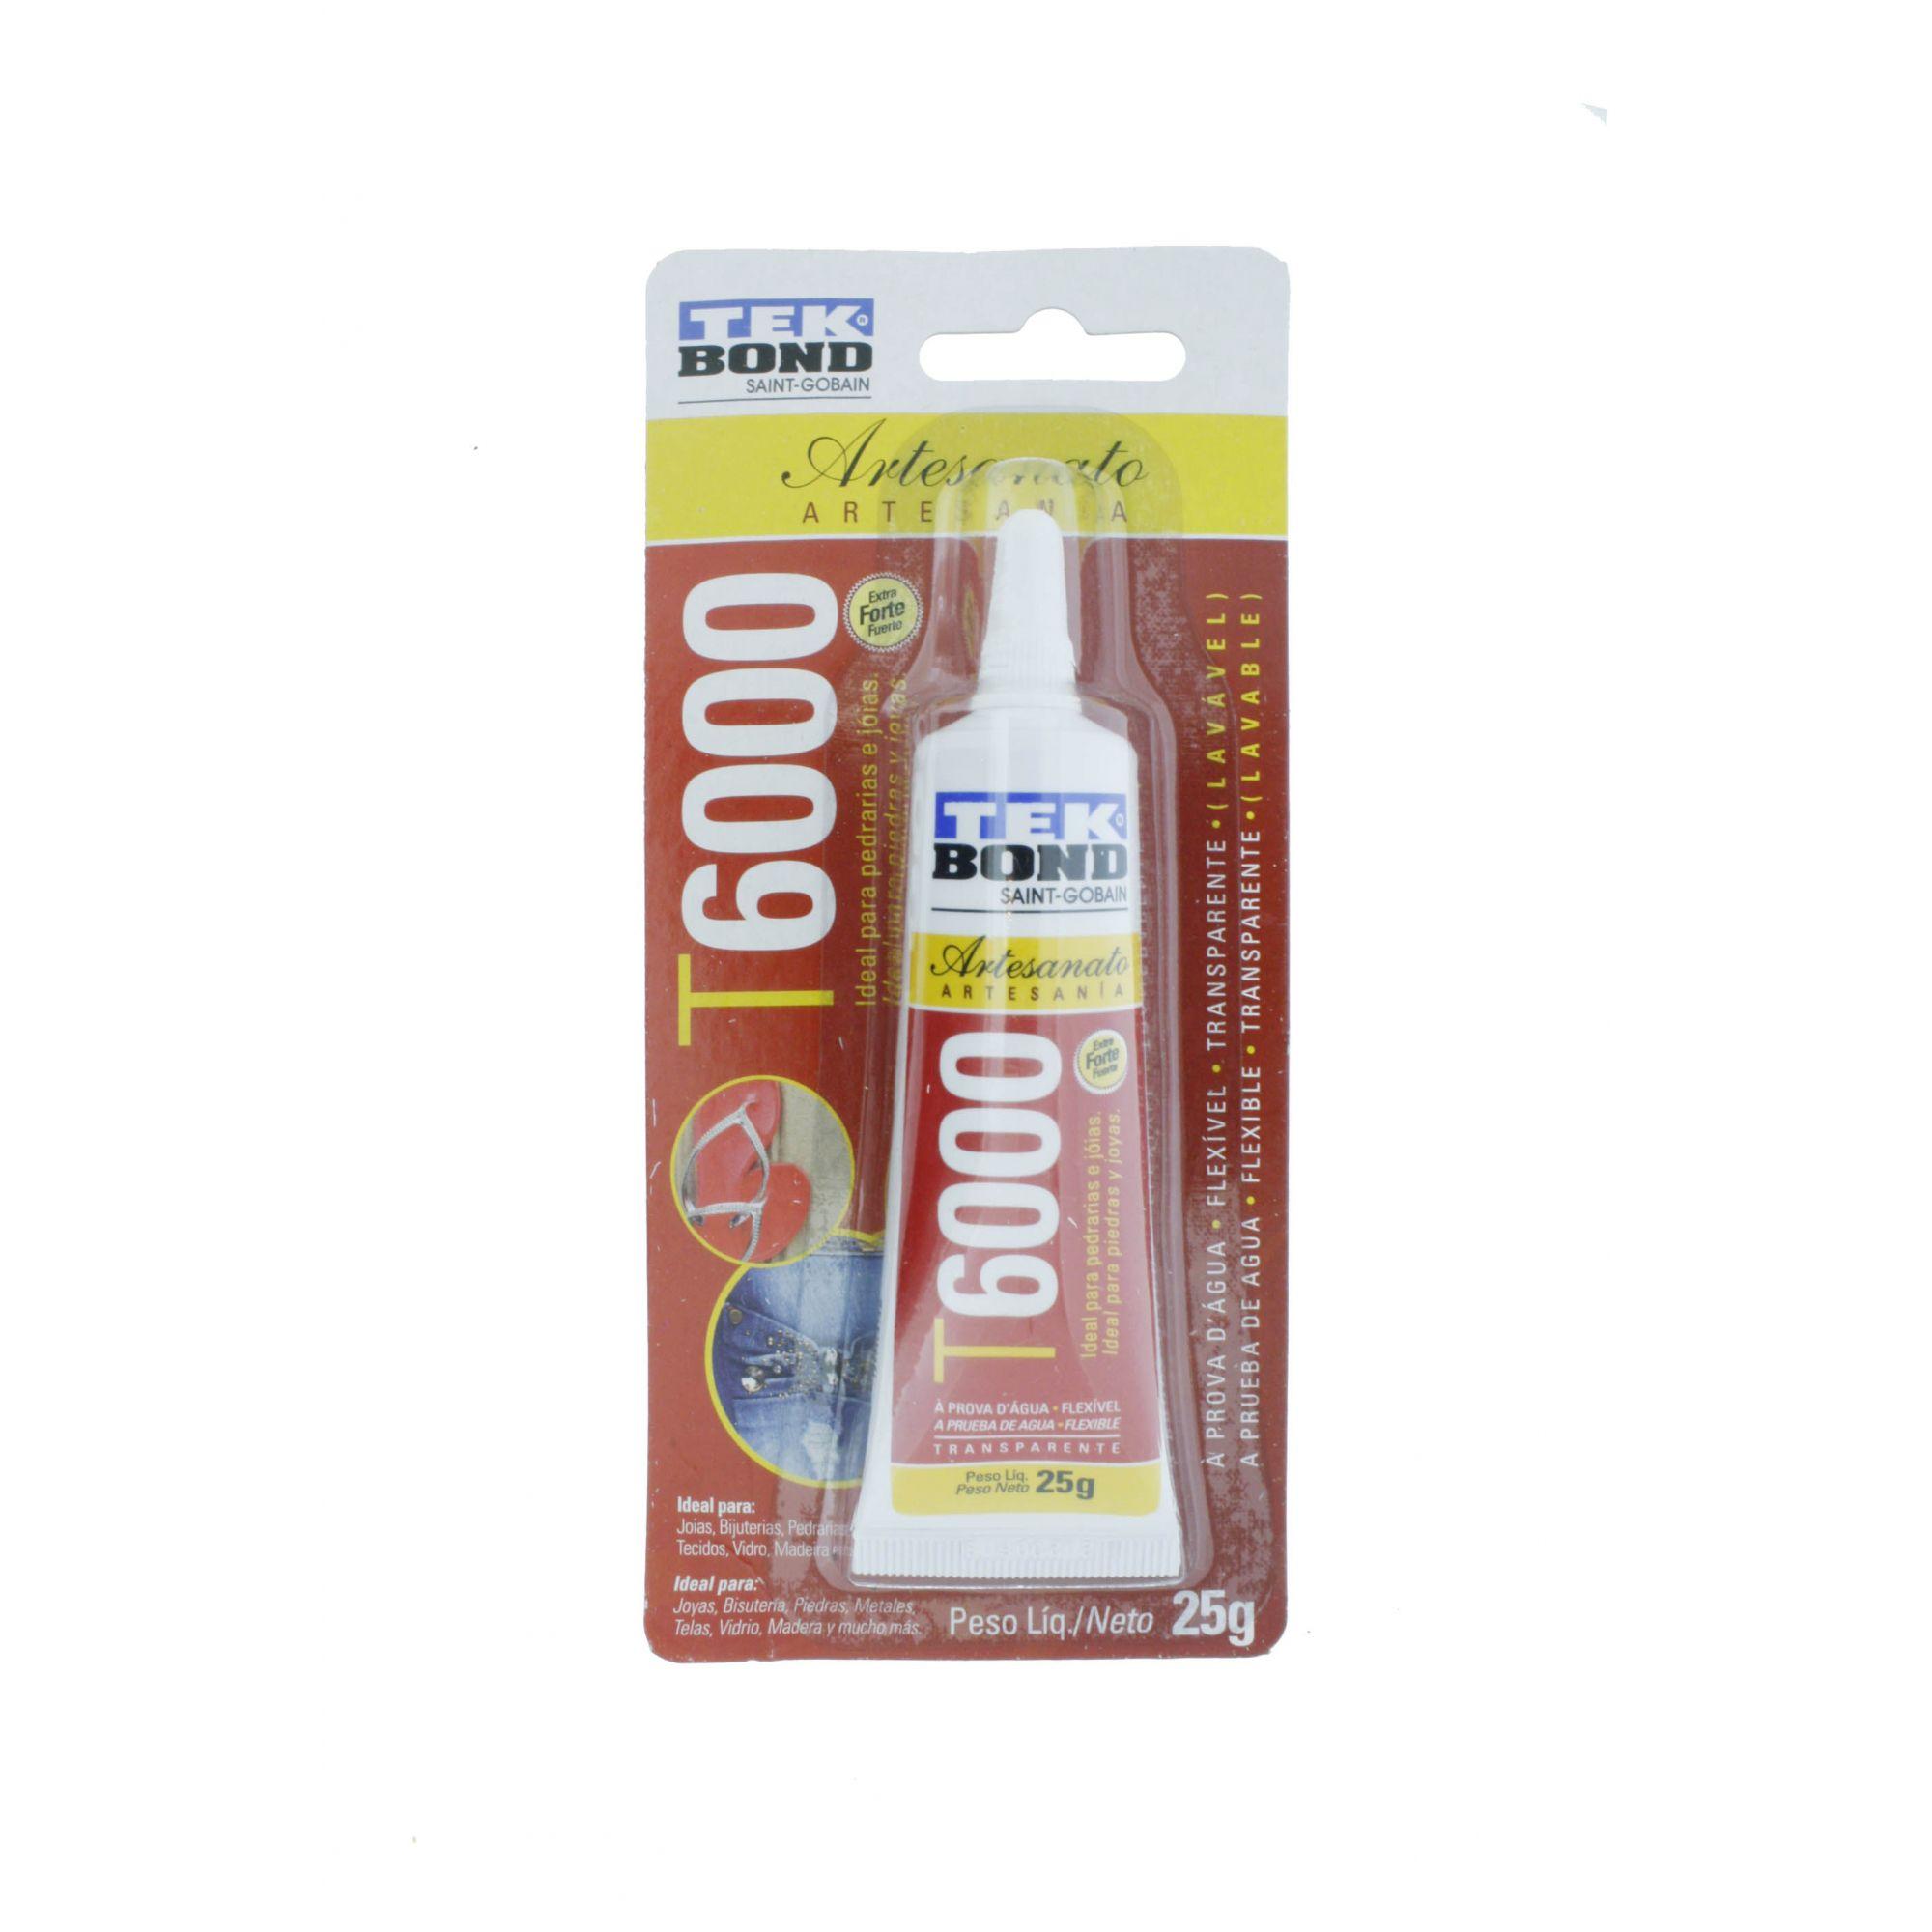 TekBond® T6000 - Artesanato - 25g   - Stéphanie Bijoux® - Peças para Bijuterias e Artesanato